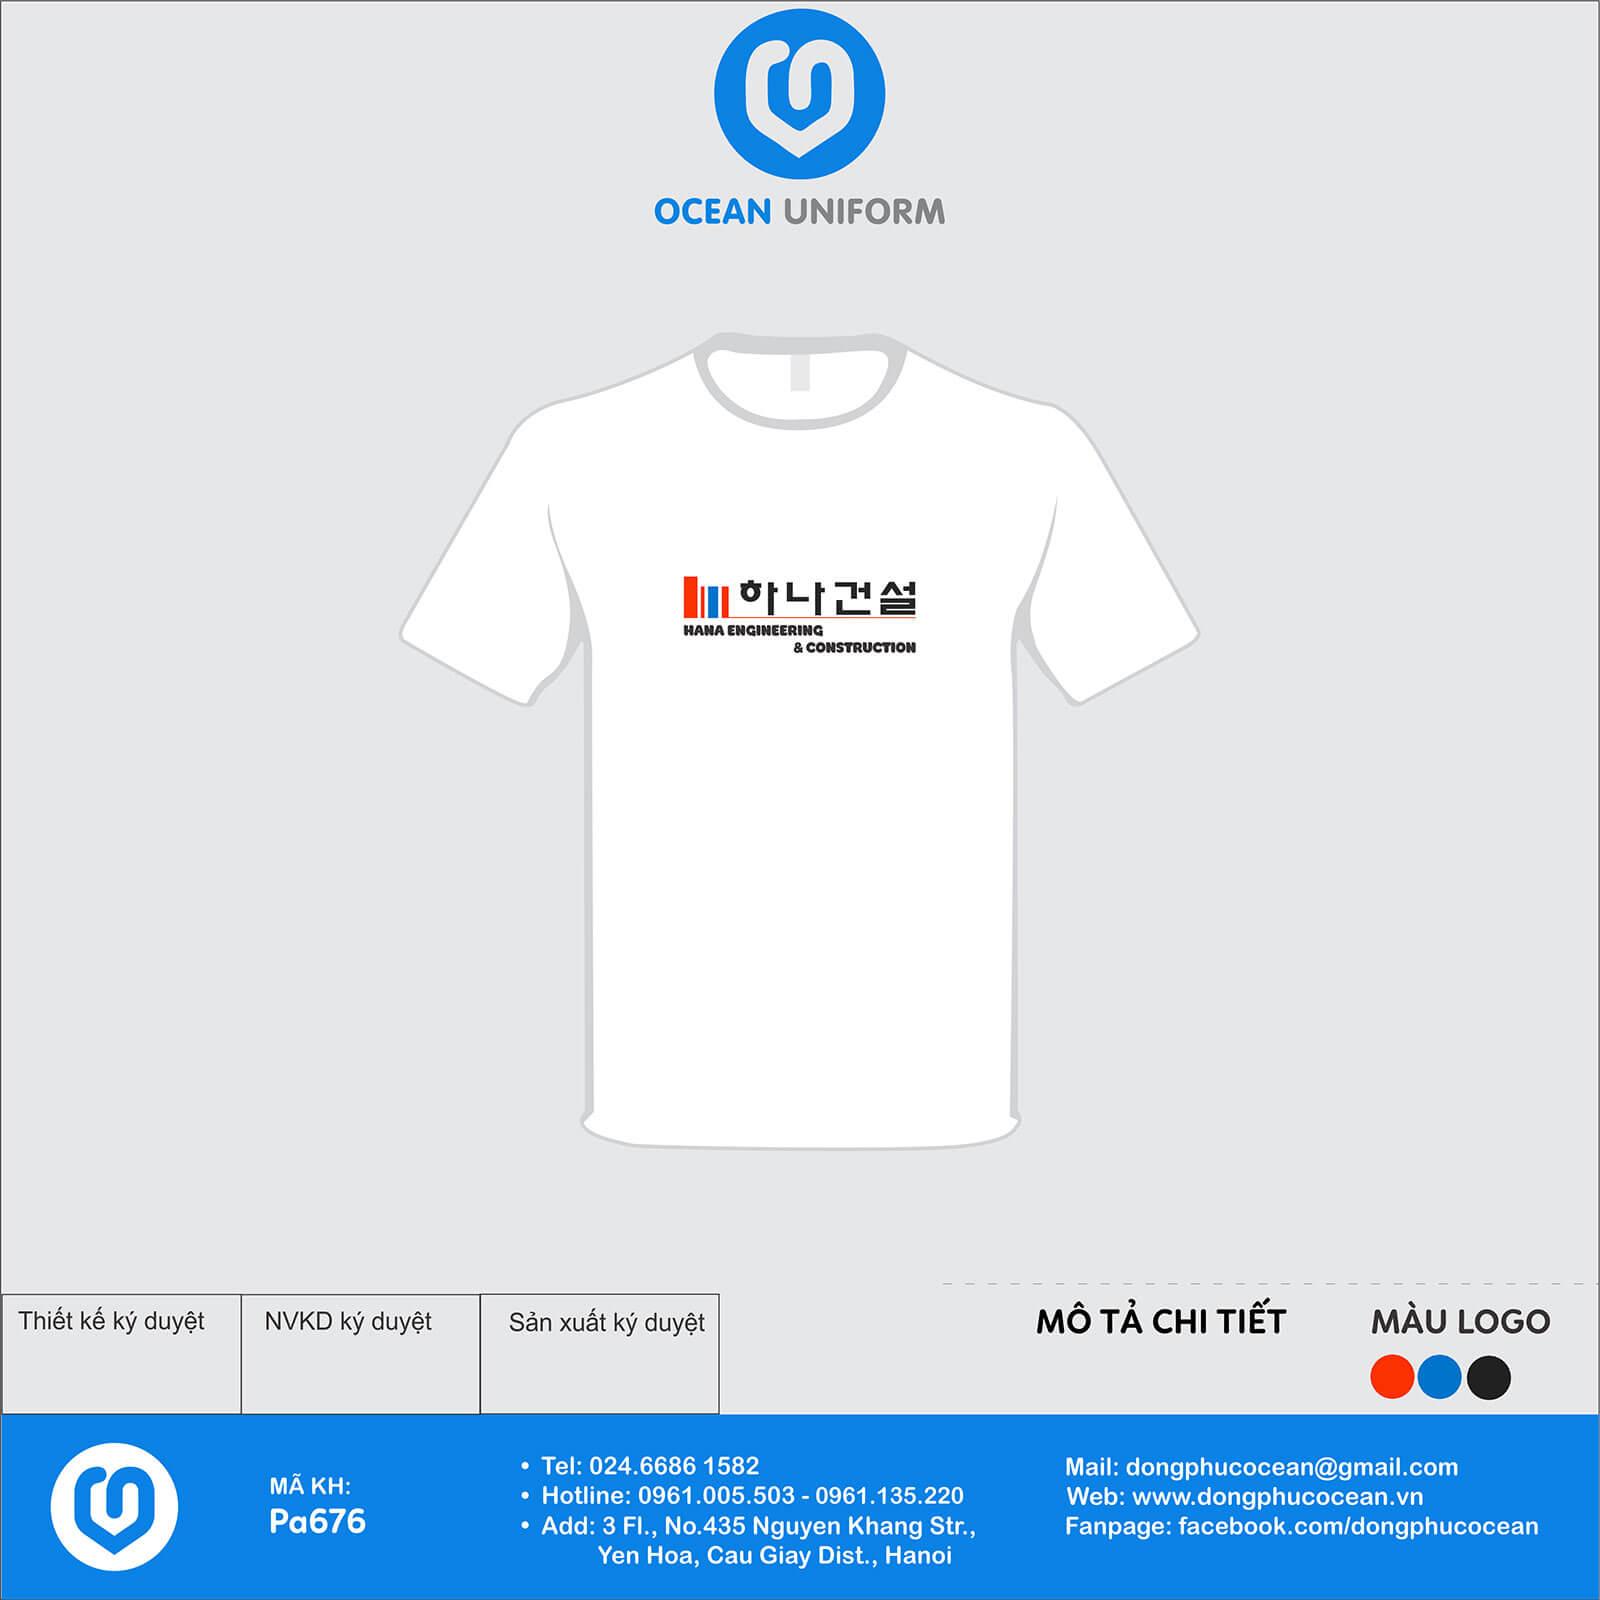 Áo thun đồng phục câu lạc bộ Áo đồng phục câu lạc bộ màu trắng